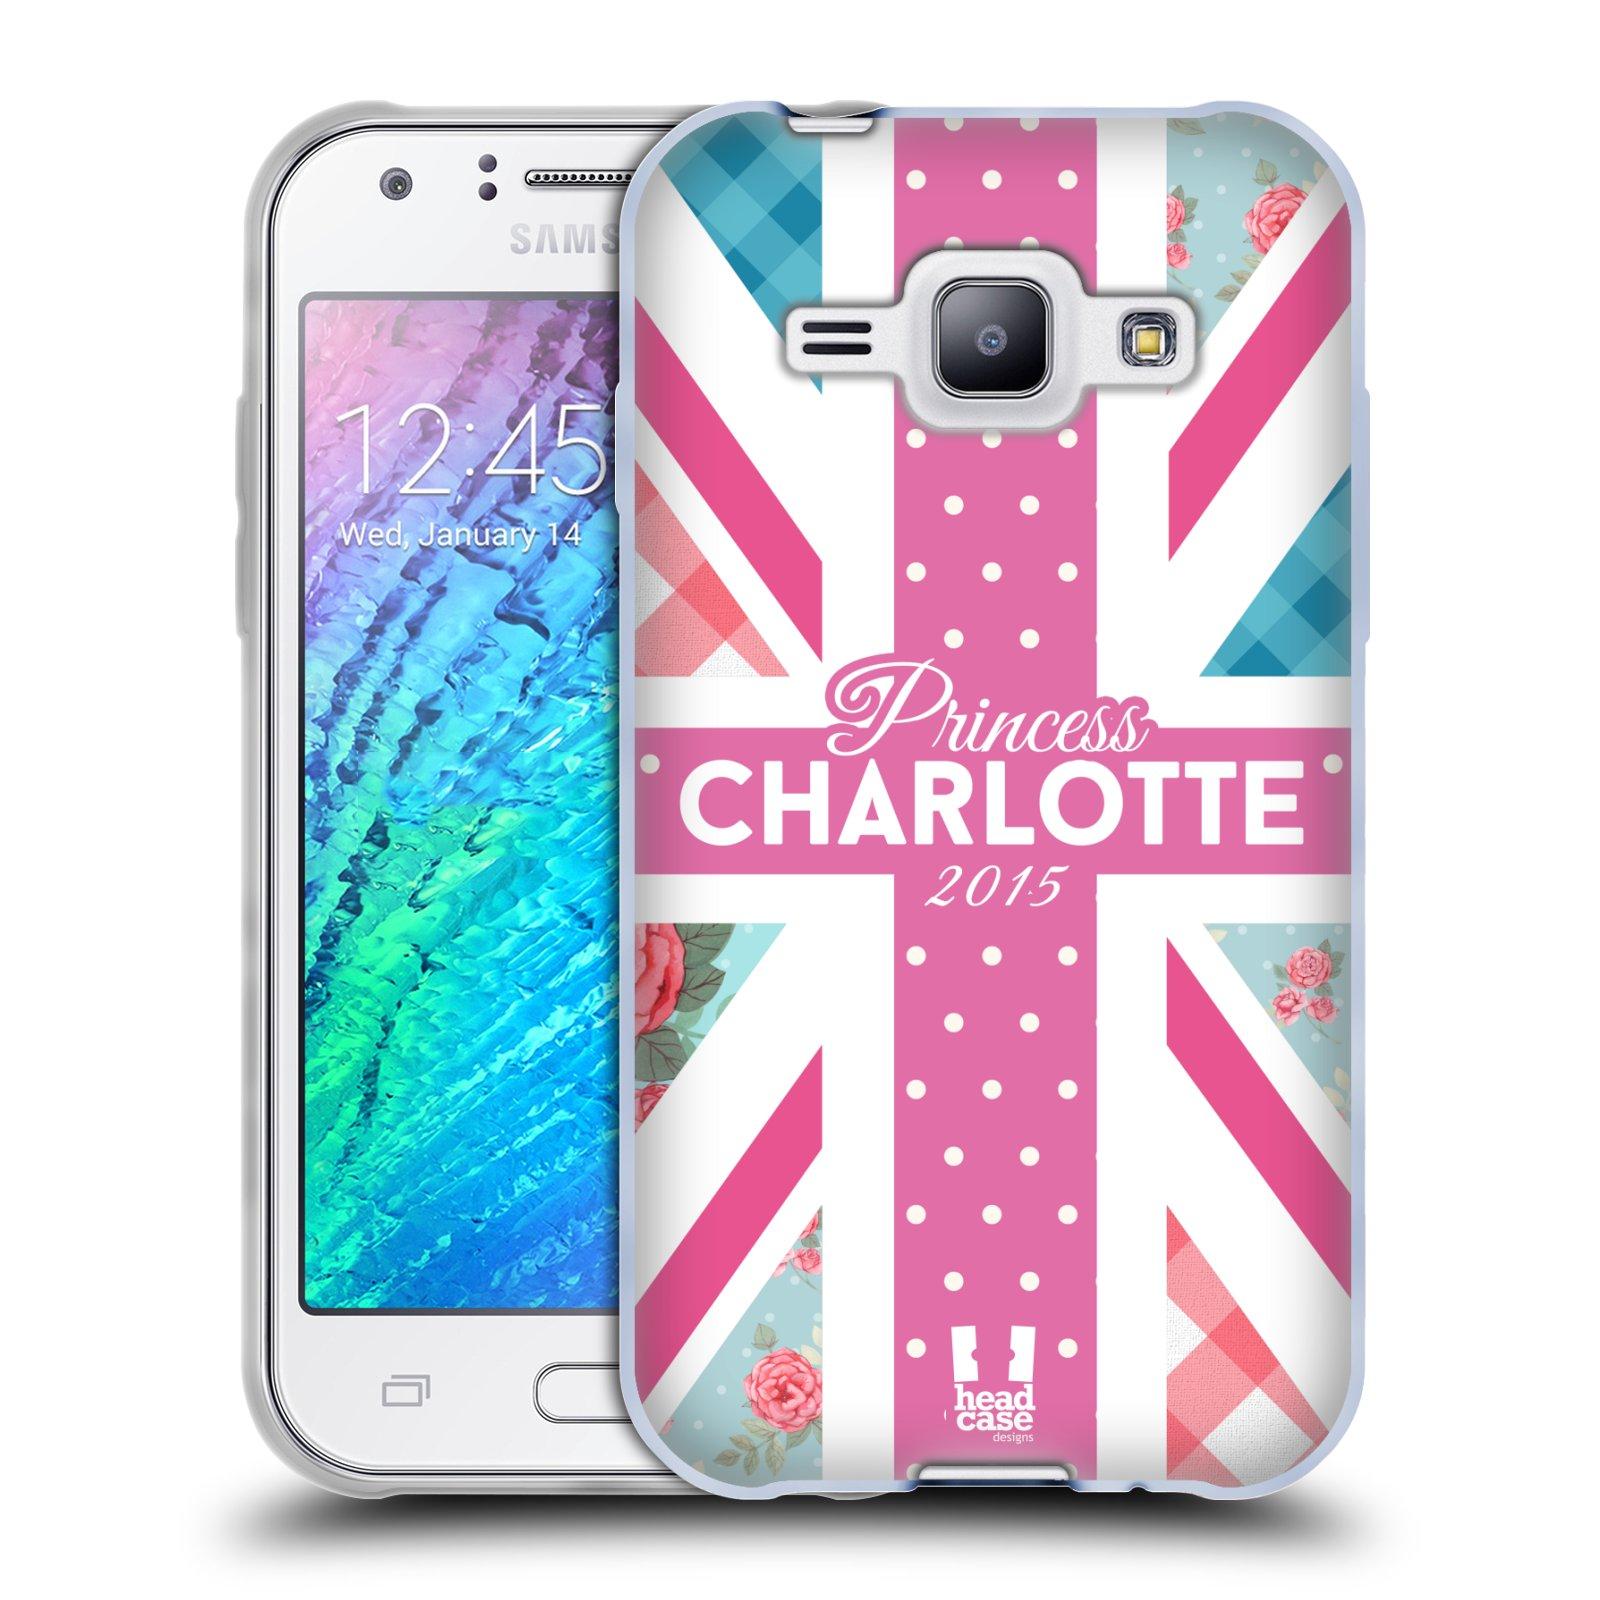 Silikonové pouzdro na mobil Samsung Galaxy J1 HEAD CASE PRINCEZNIČKA CHARLOTTE (Silikonový kryt či obal na mobilní telefon Samsung Galaxy J1 a J1 Duos)